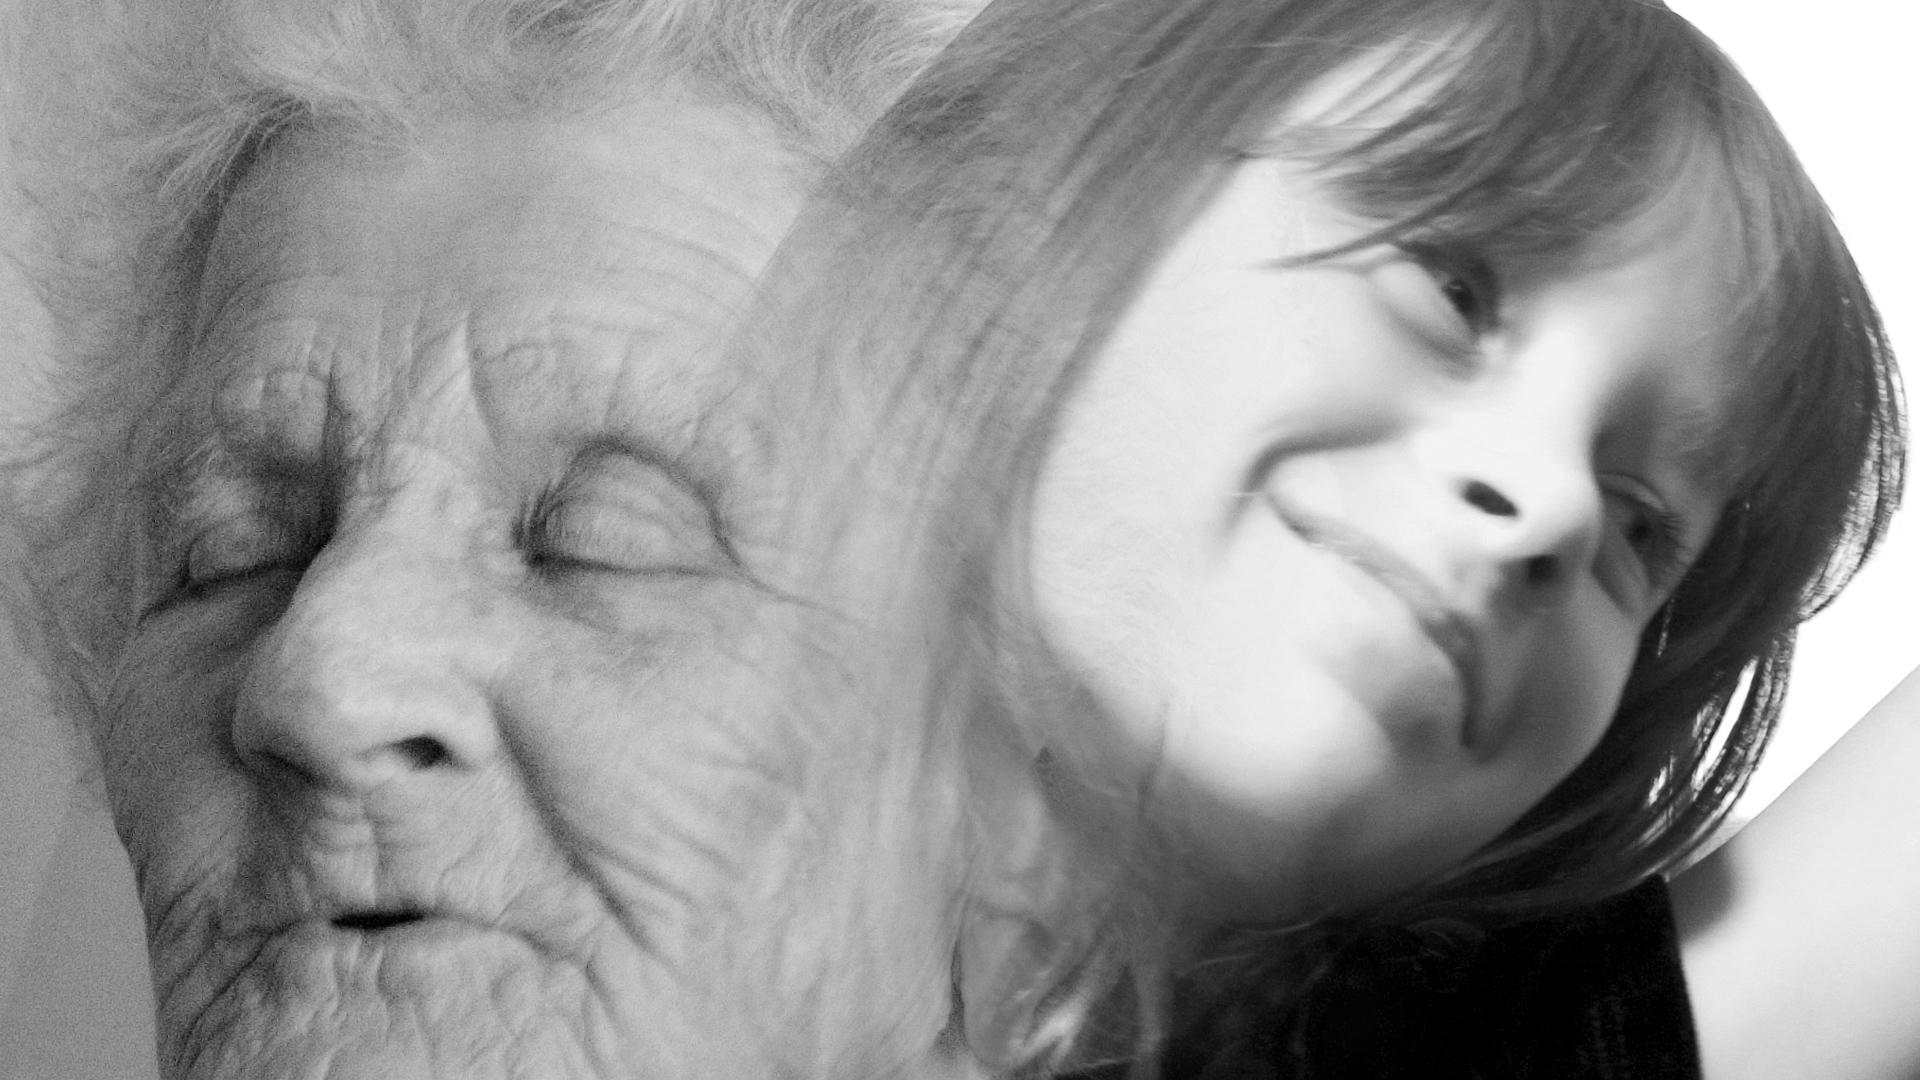 Nuori ja vanha nainen Kuva:flickr/Candace